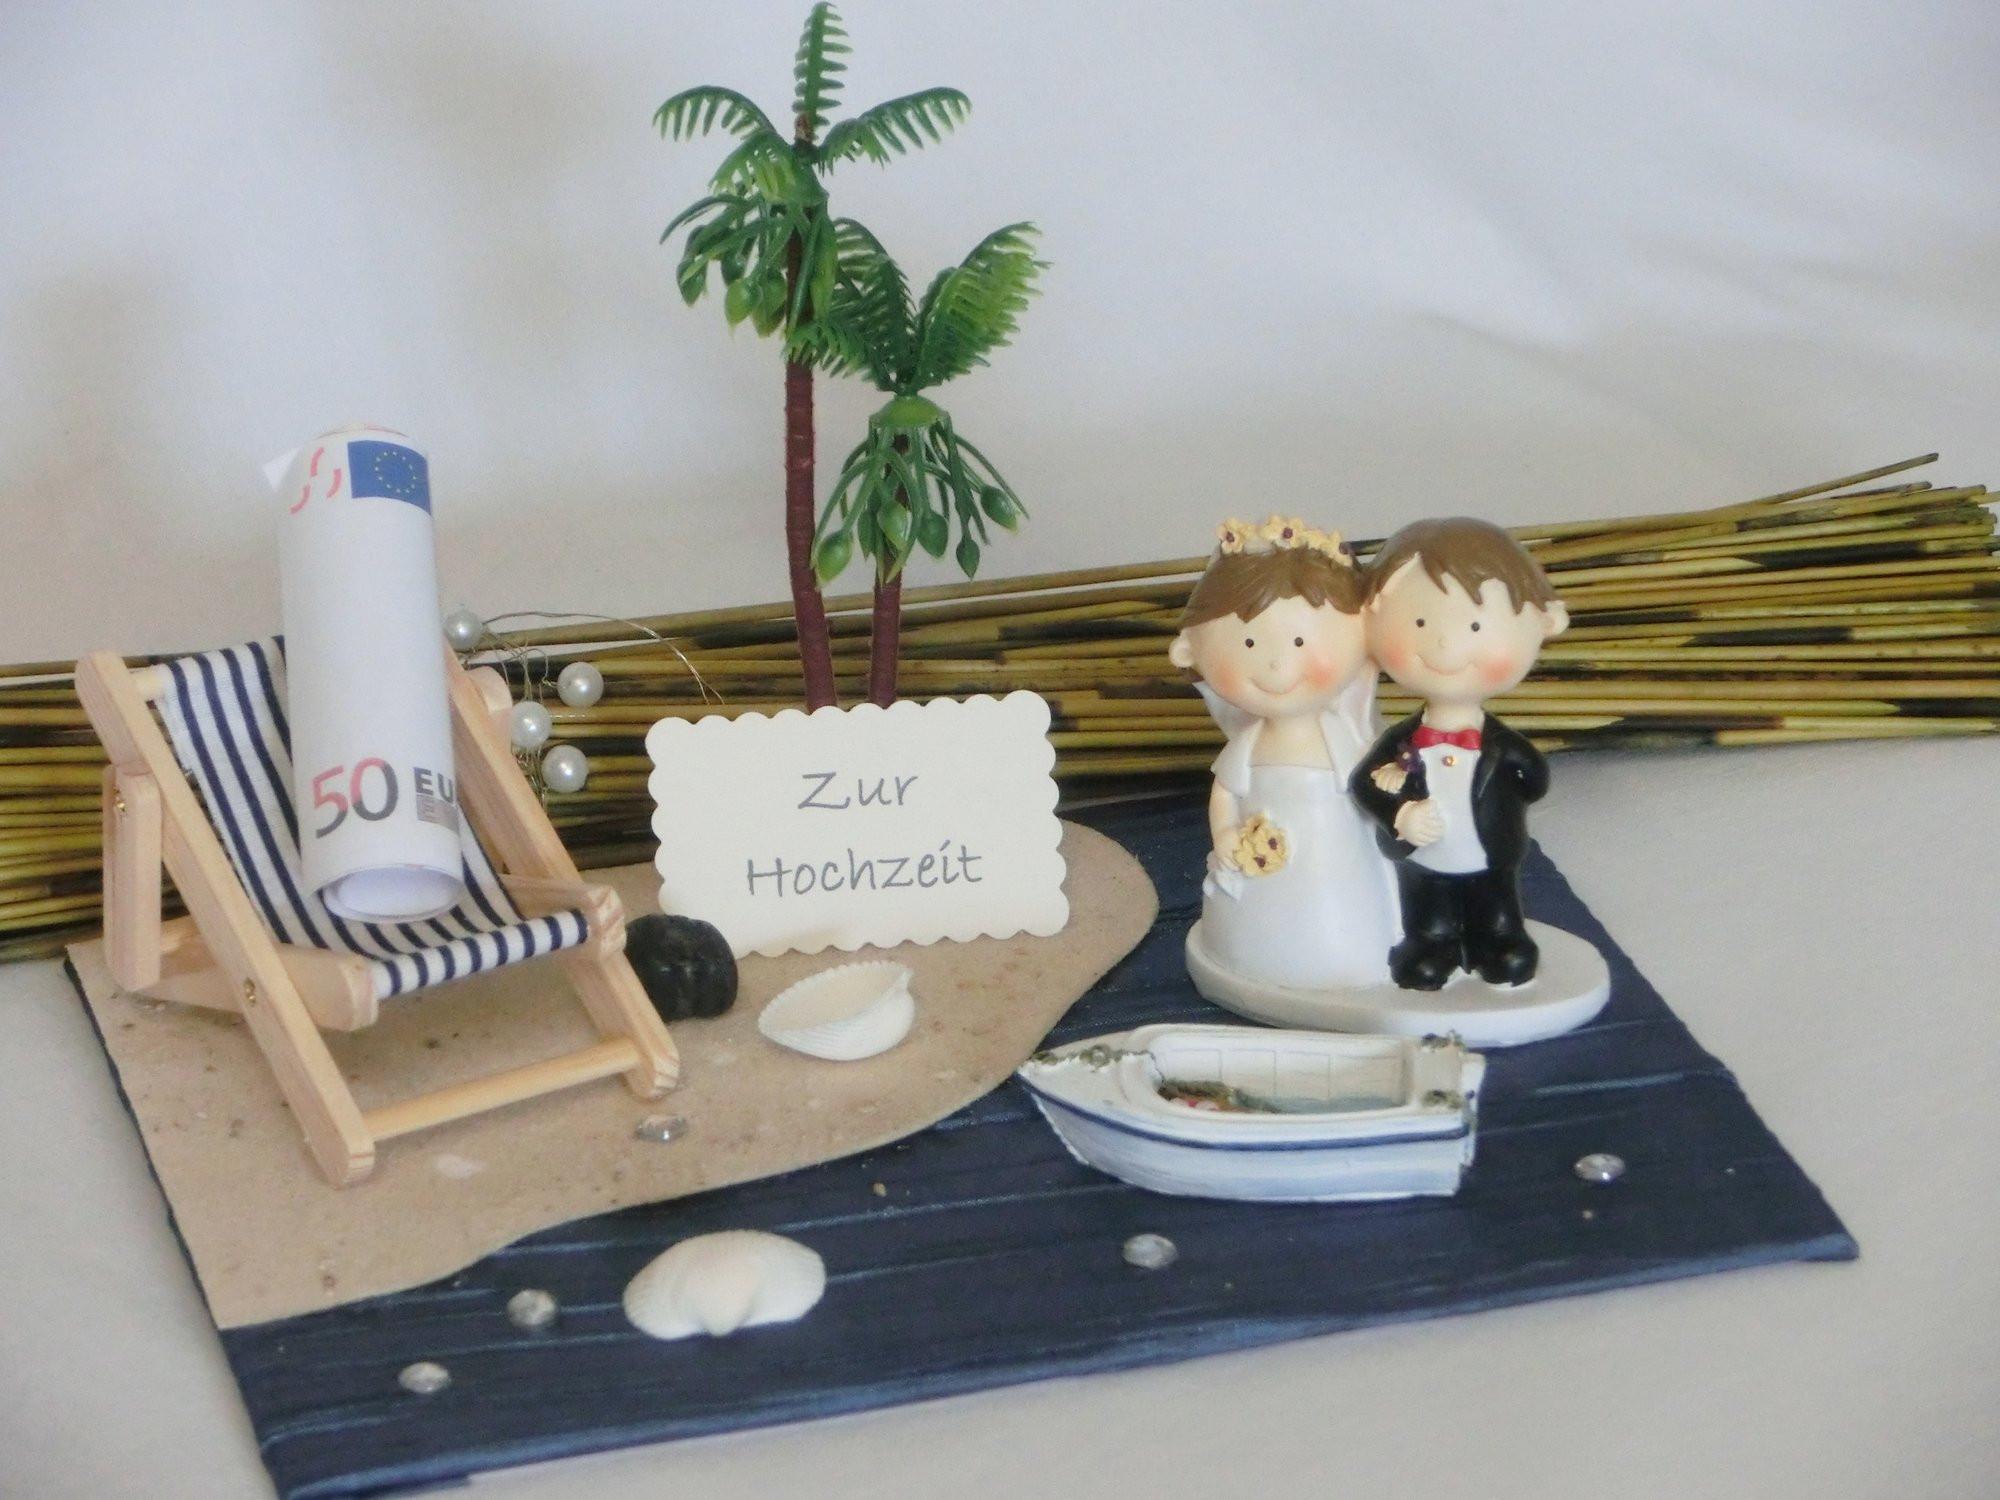 Geschenk Zur Hochzeit  Hochzeitsgeschenk Geld kreativ verpacken 71 DIY